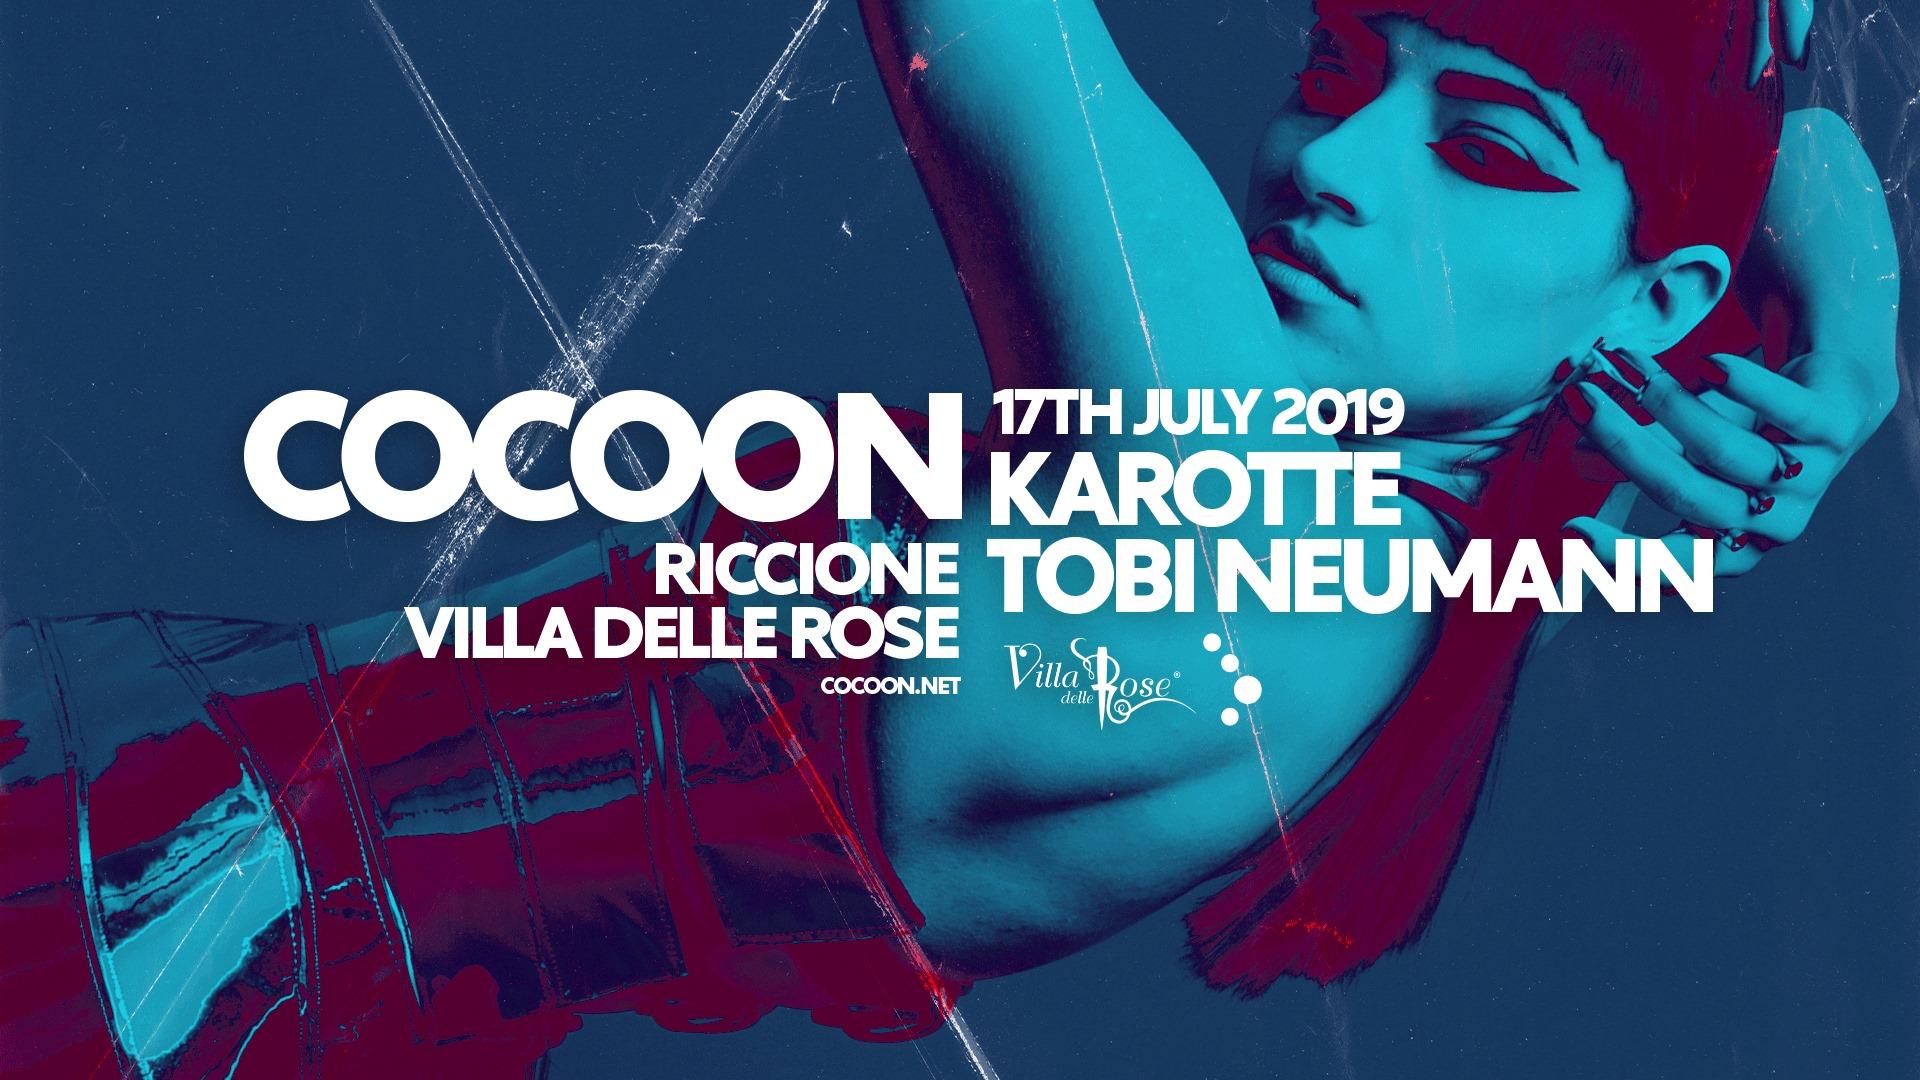 Cocoon Villa Delle Rose – Mercoledì 17 Luglio 2019 – KAROTTE – Ticket -Biglietti 18app – Pacchetti Hotel